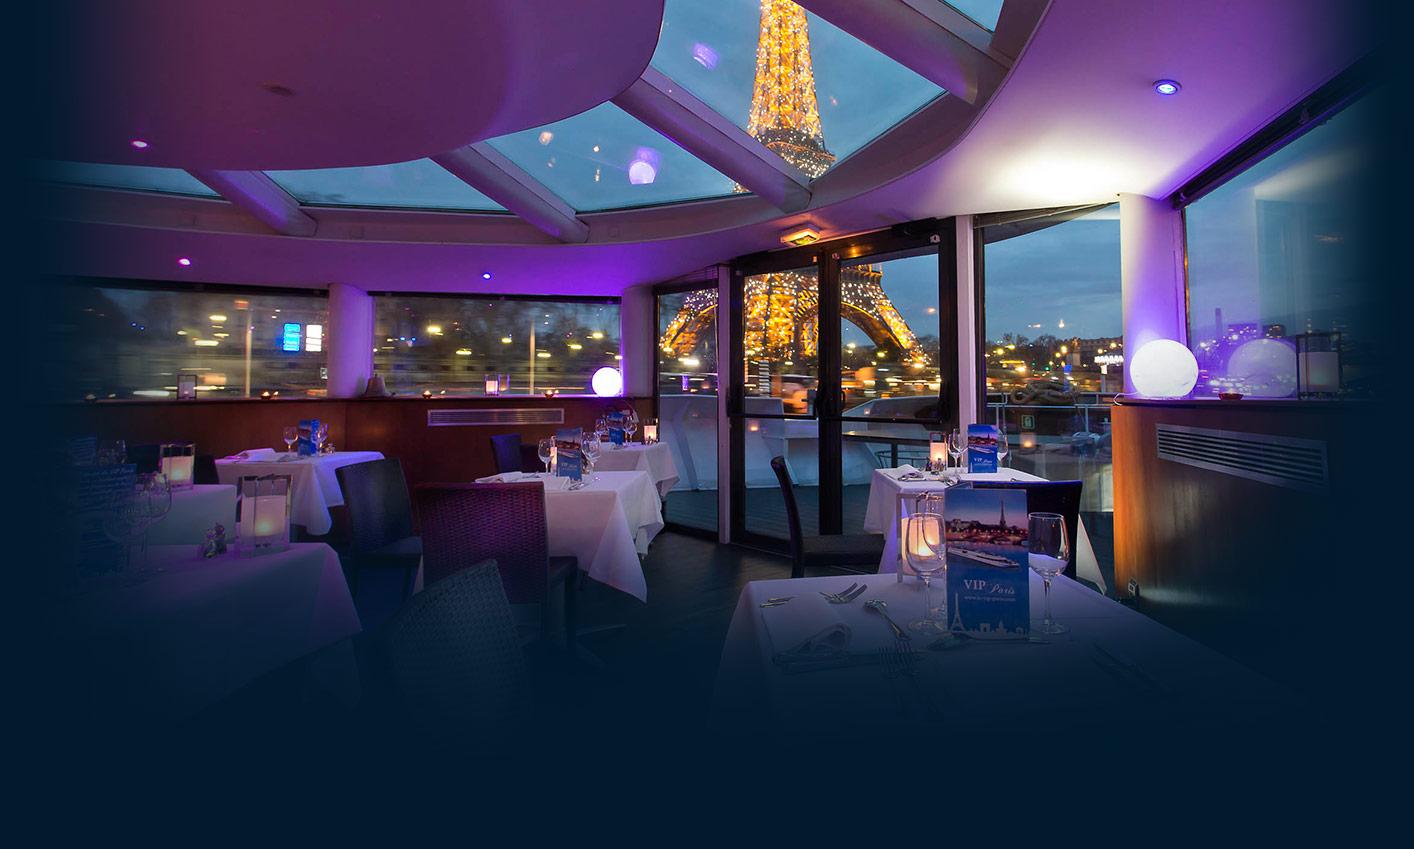 3 suites baln o bord du yacht h tel le vip paris - Balneo parijs ...